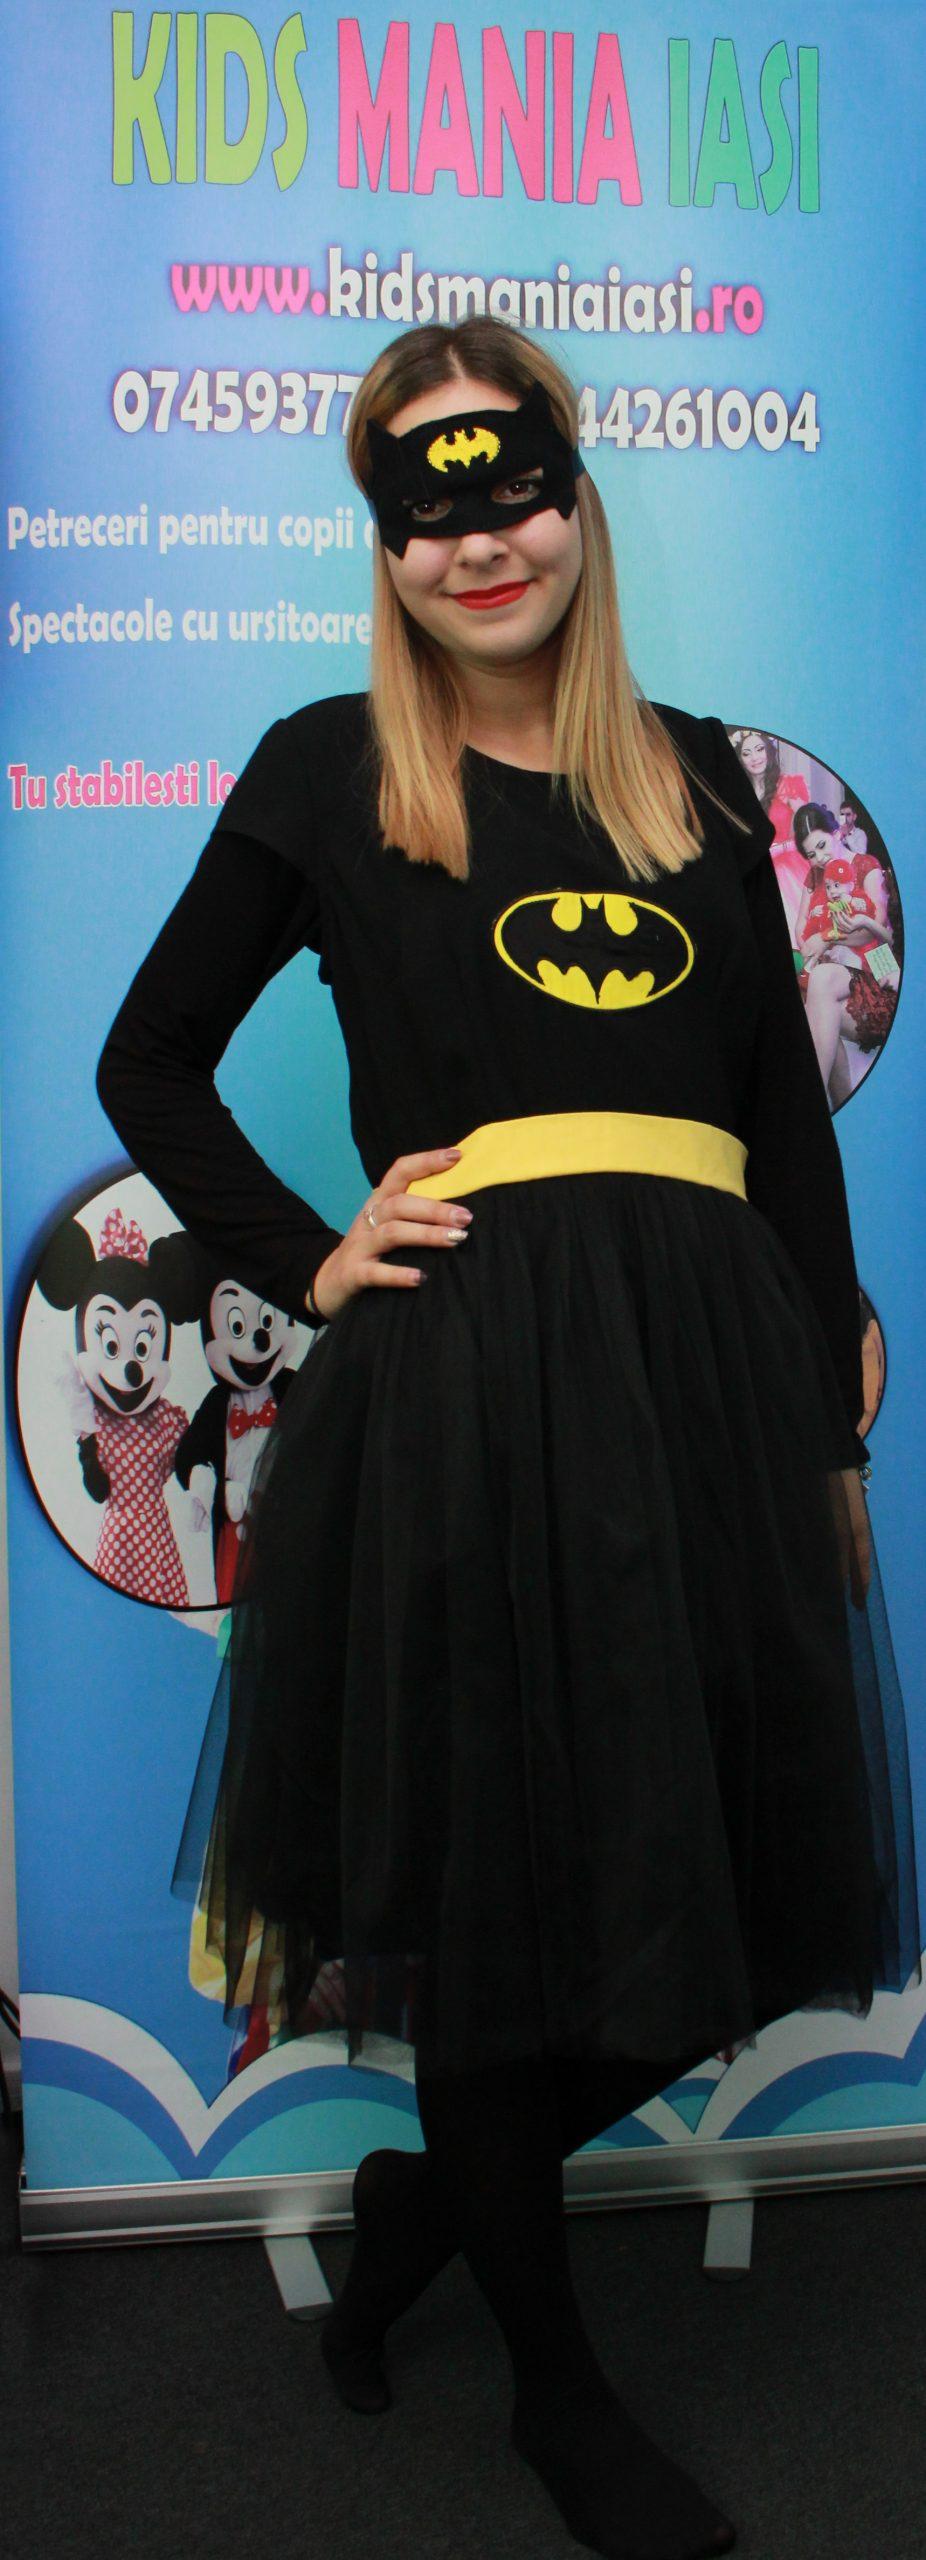 Batgirl prietena lui Batman la petreceri pentru copii in Iasi